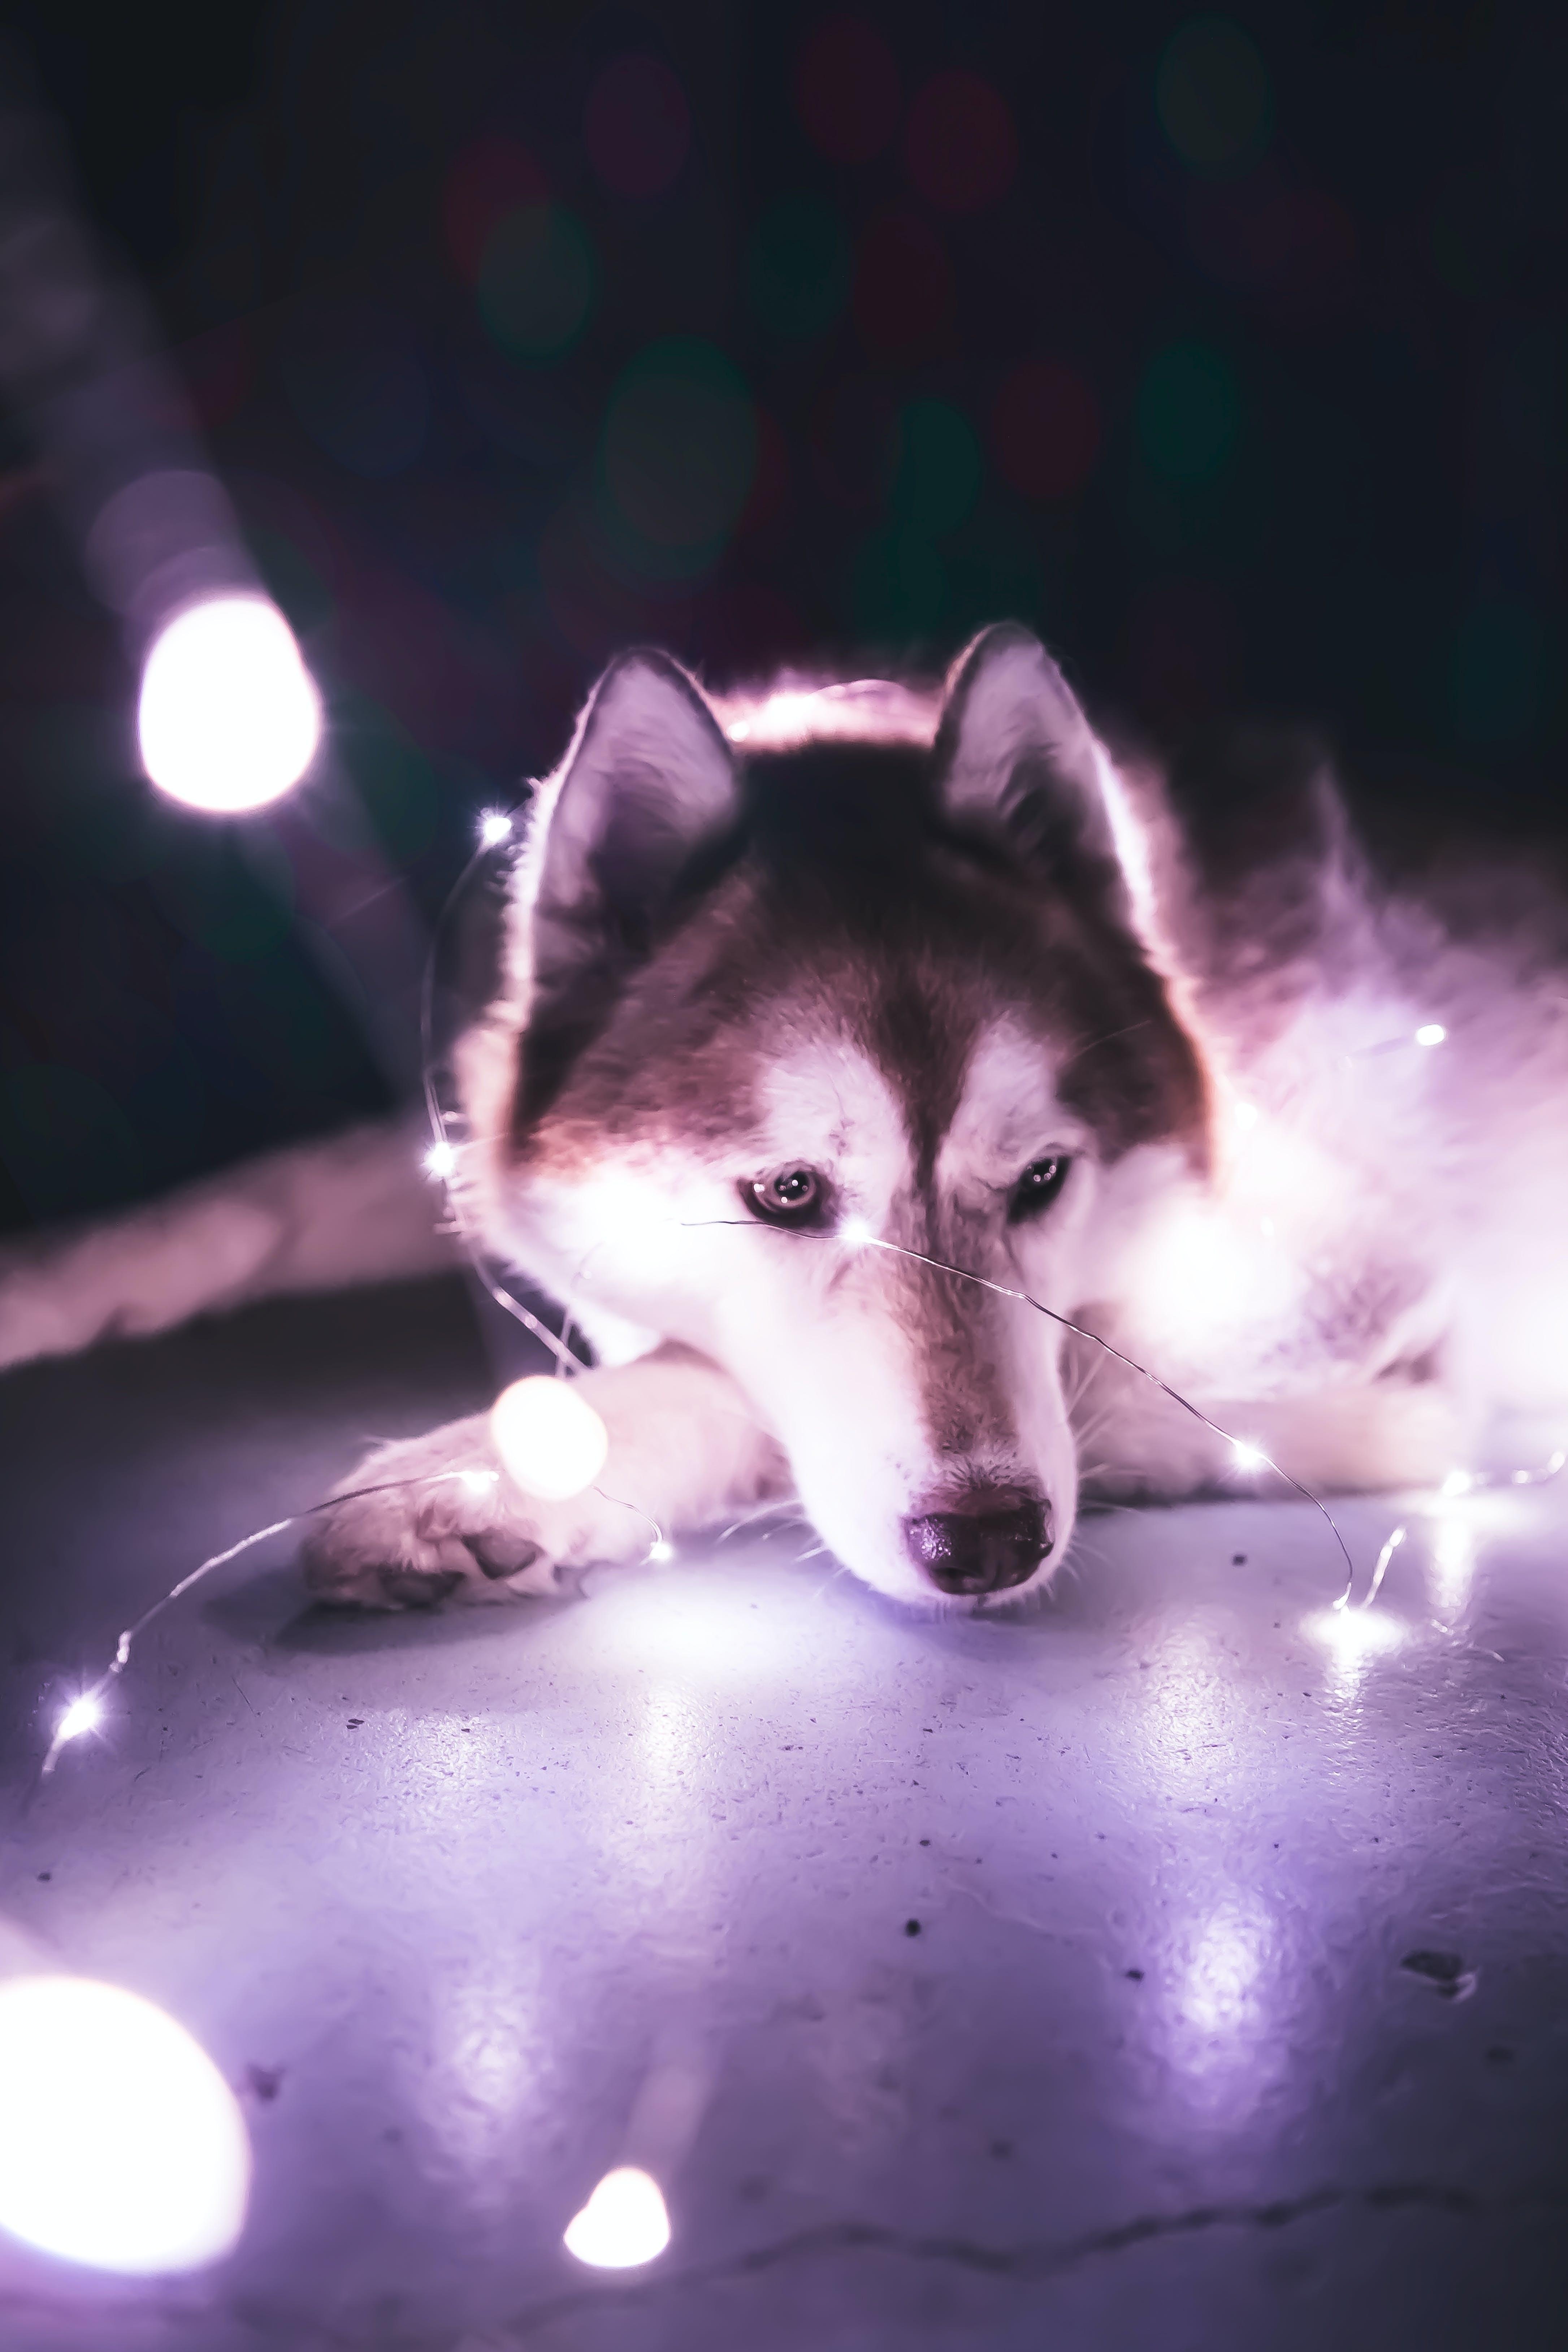 Kostnadsfri bild av eskimåhund, hund, lynnig, porträtt